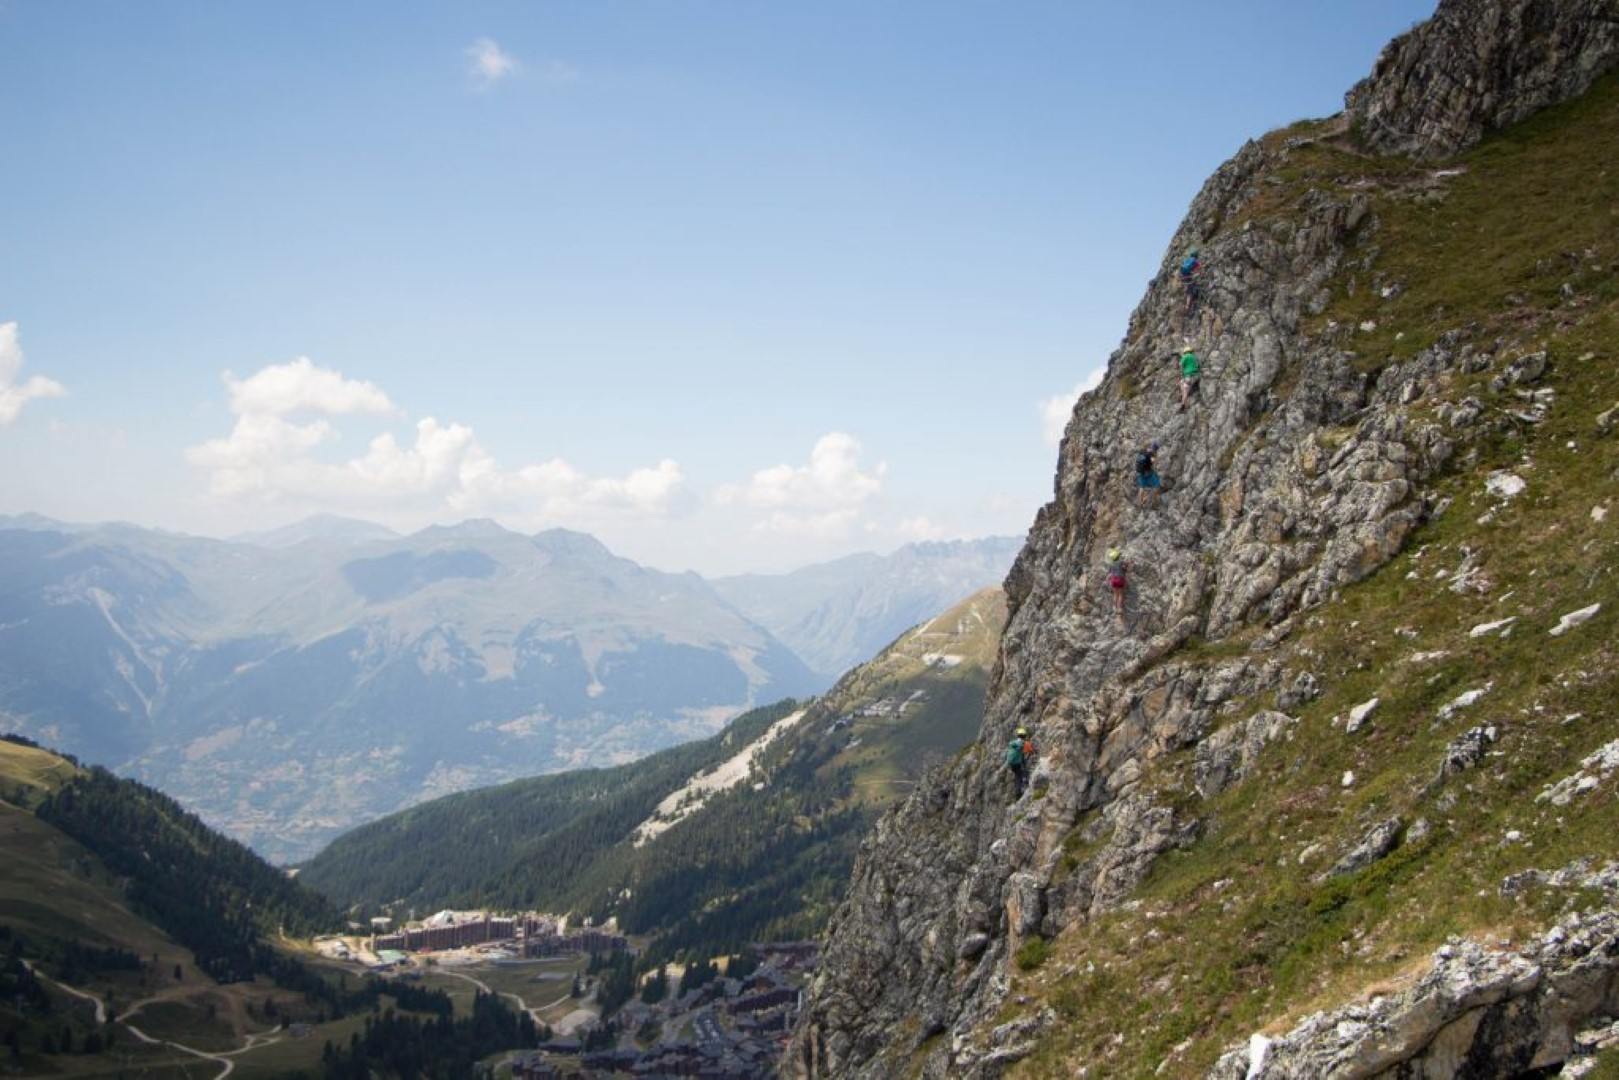 Via Ferrata View